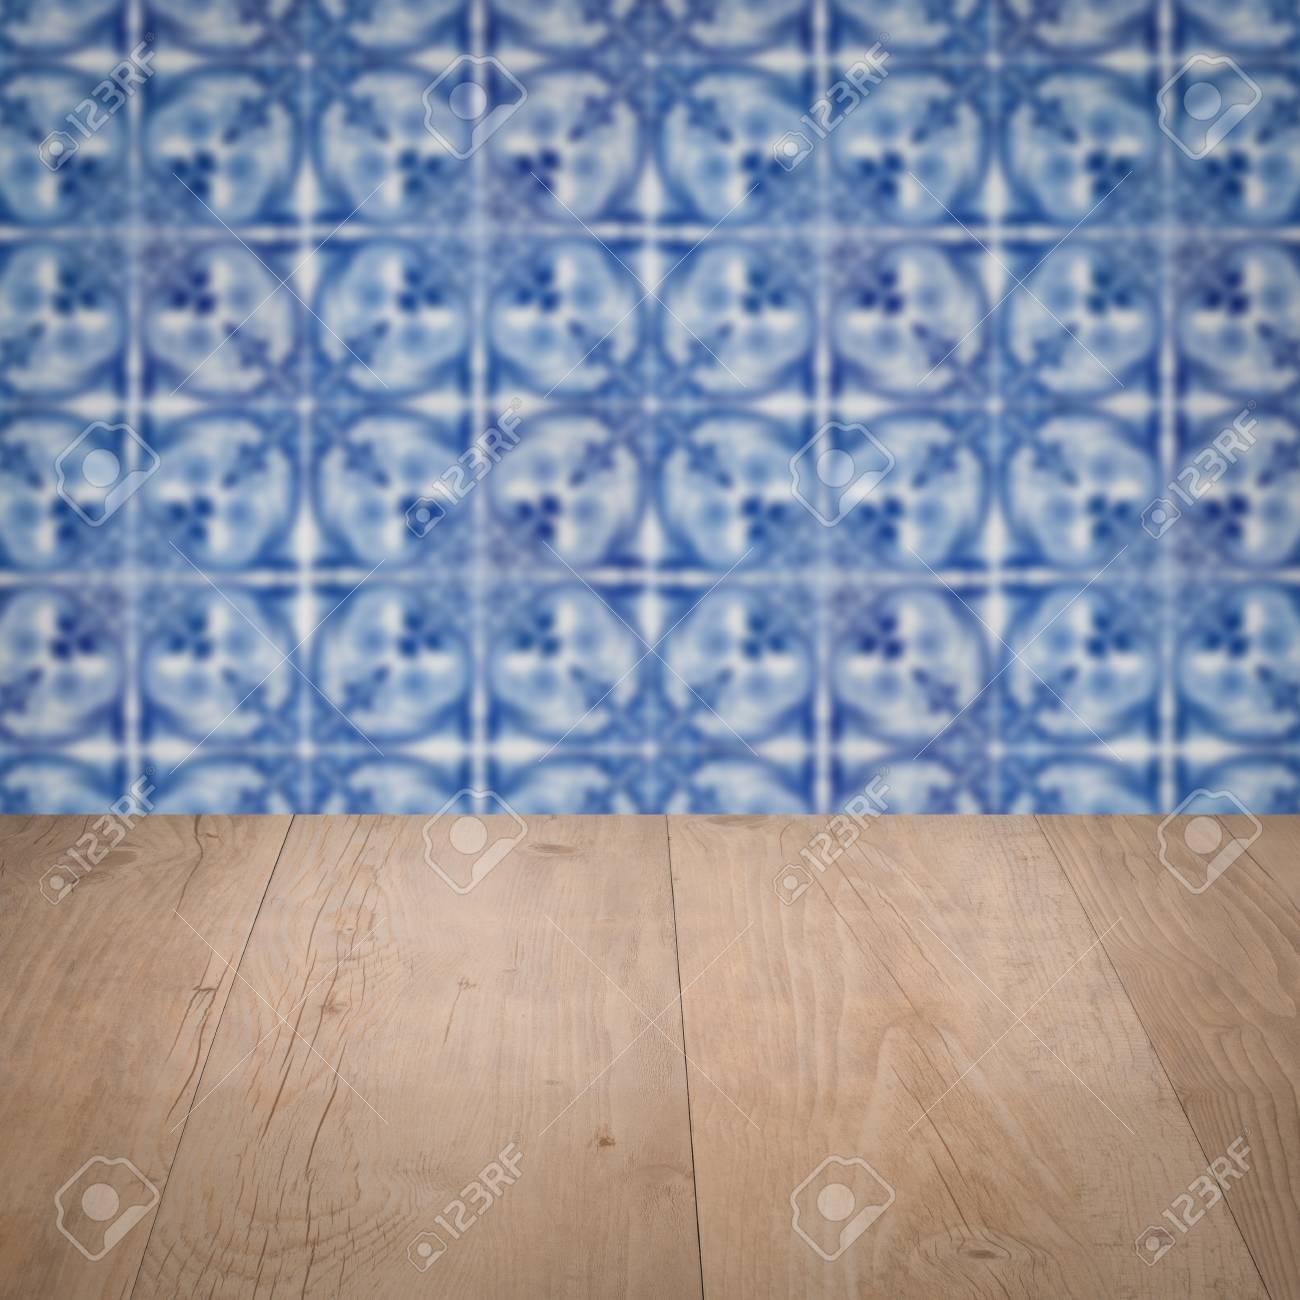 Verschiedene Muster Wand Referenz Von Leere Holztischplatte Und Unschärfe Vintage Keramische Fliesen